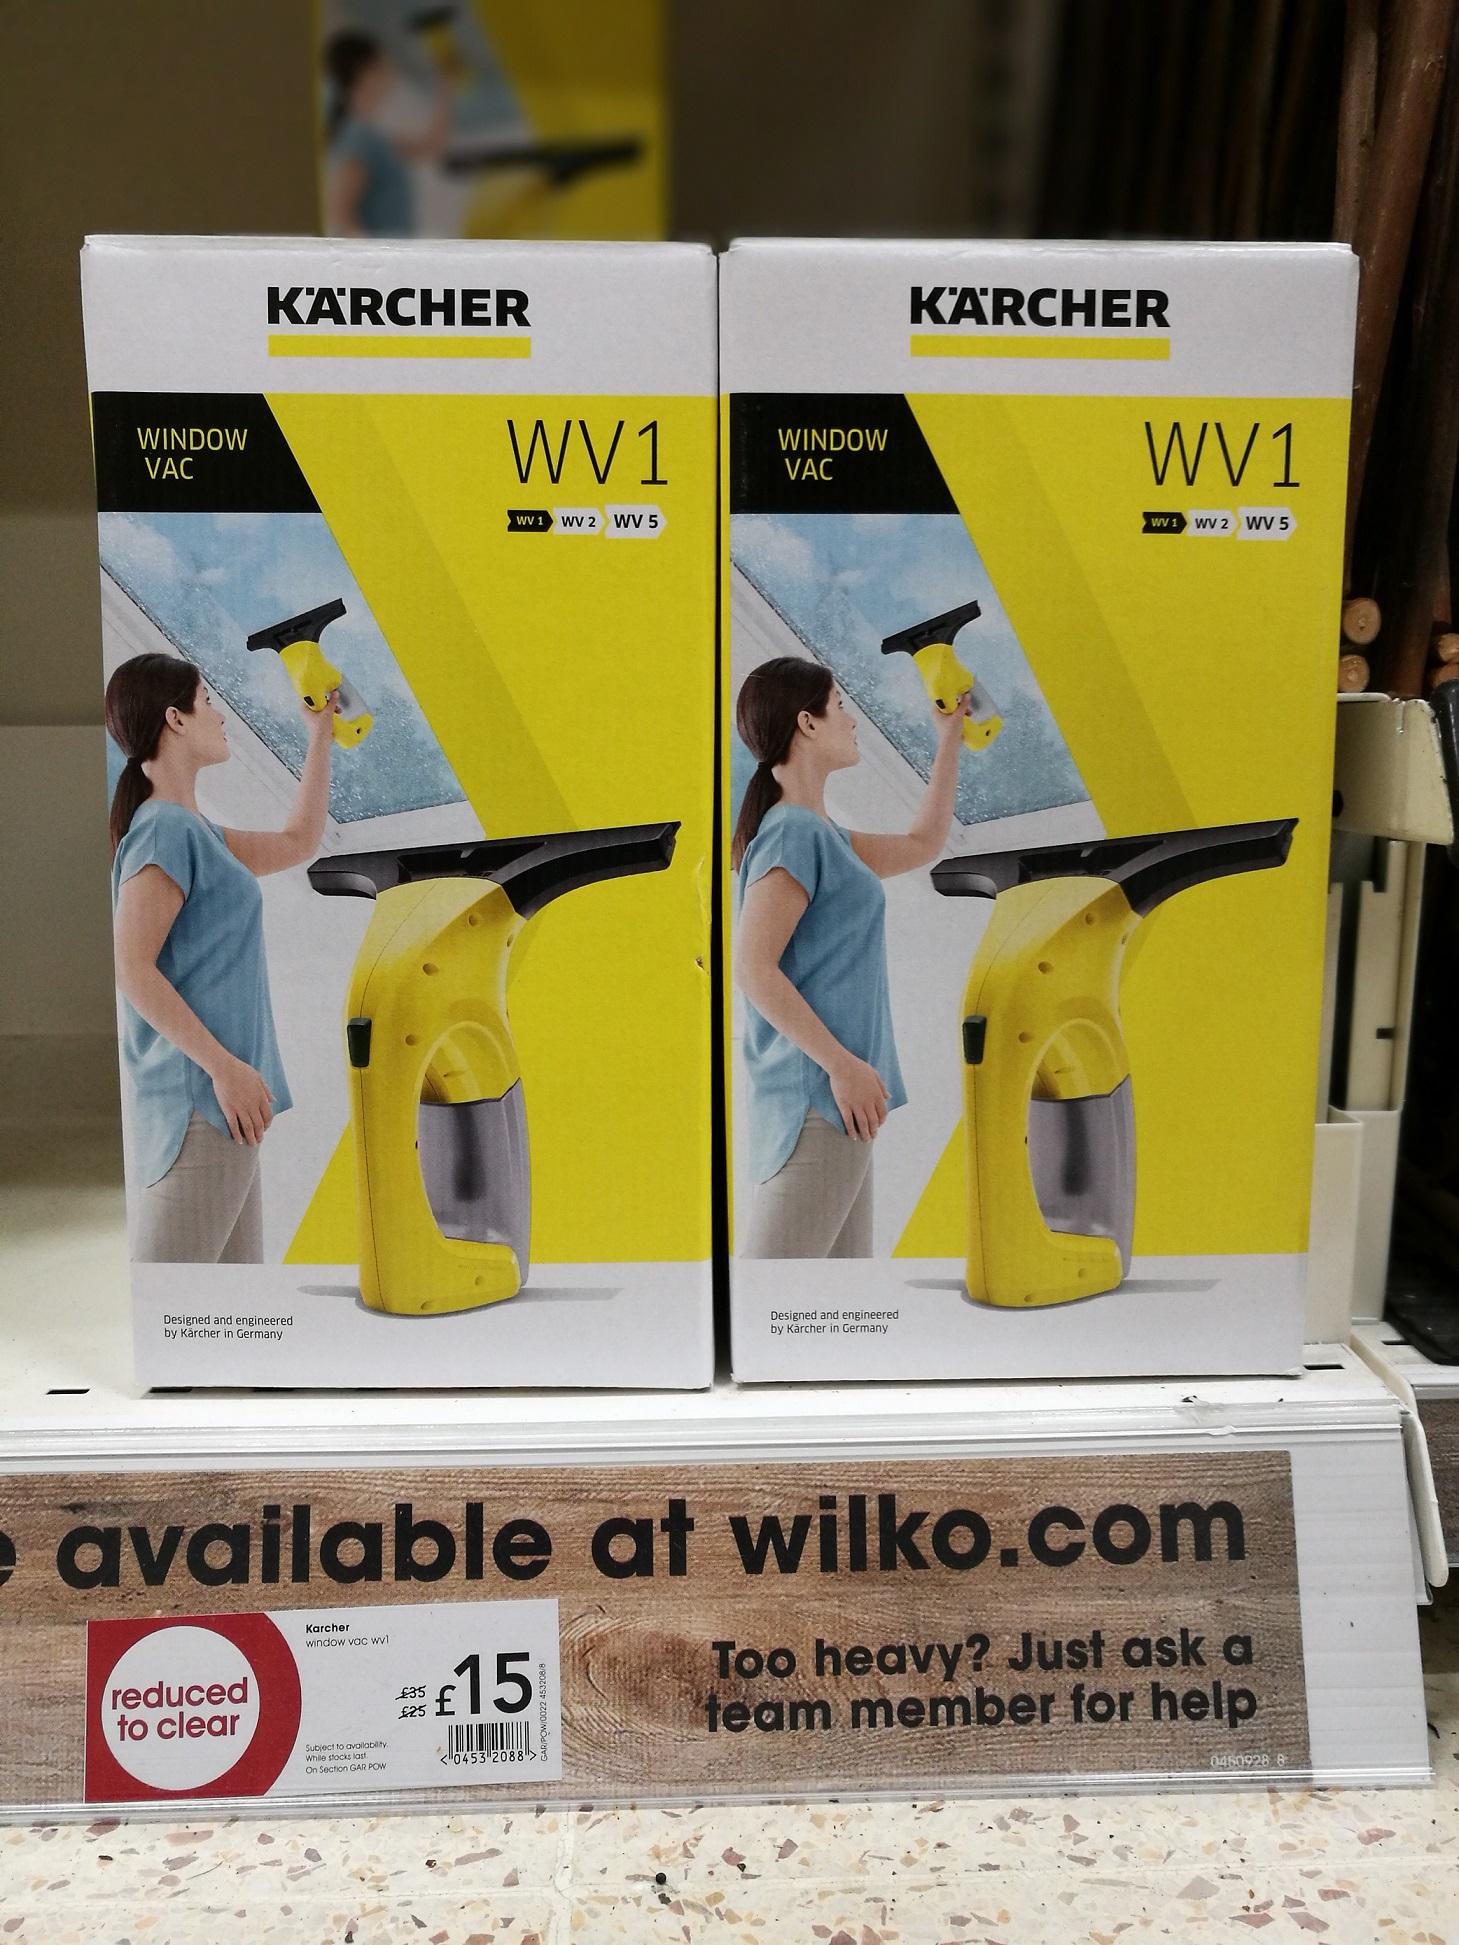 Karcher Window Vac WV1 £15 was £35 @ Wilko Instore